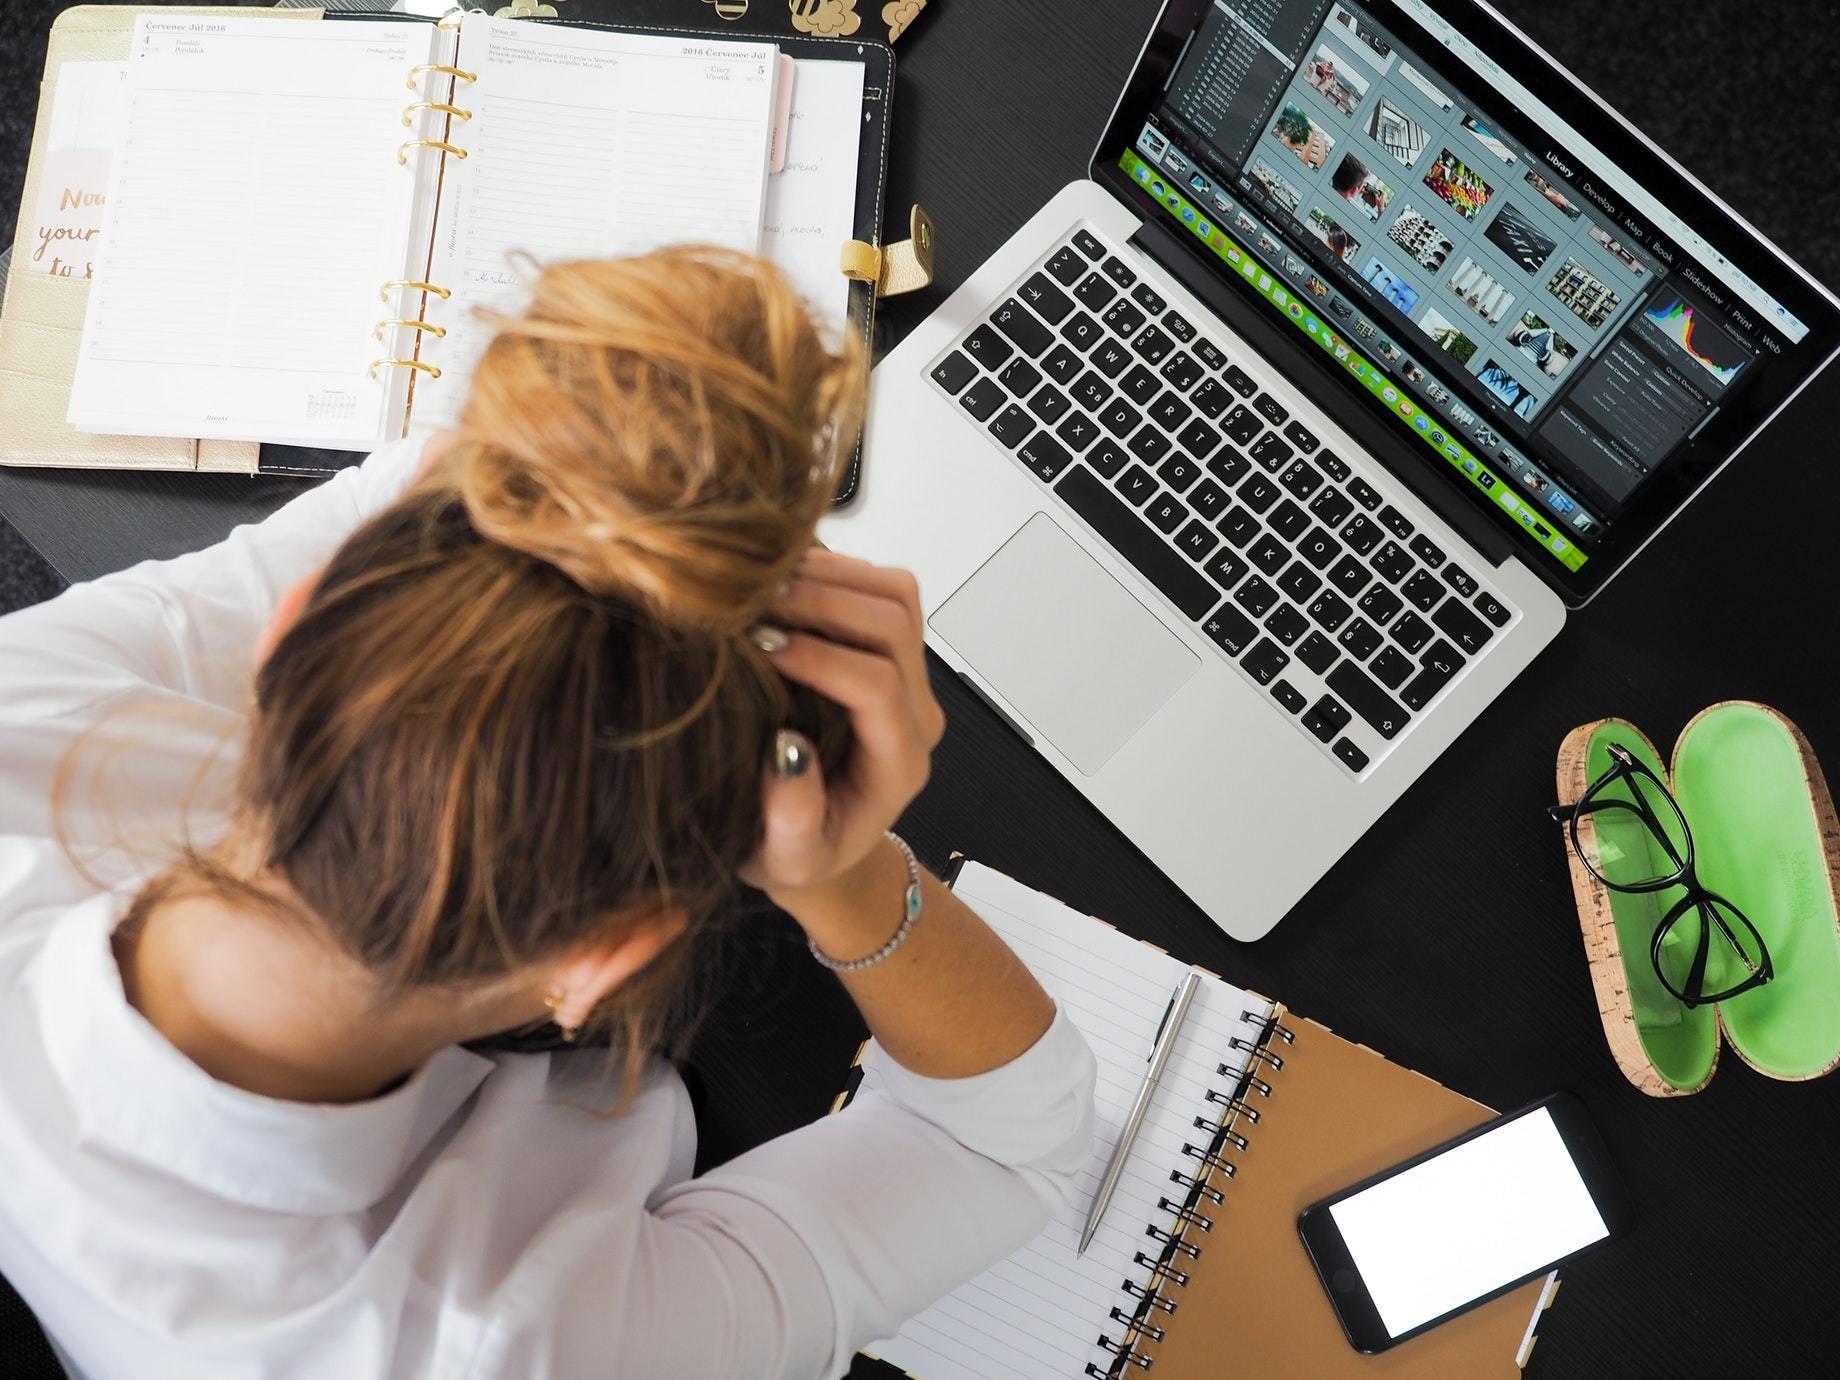 工作中只有20%的事情真的重要!5個聚焦工作法,教你在分心時代提升工作效率